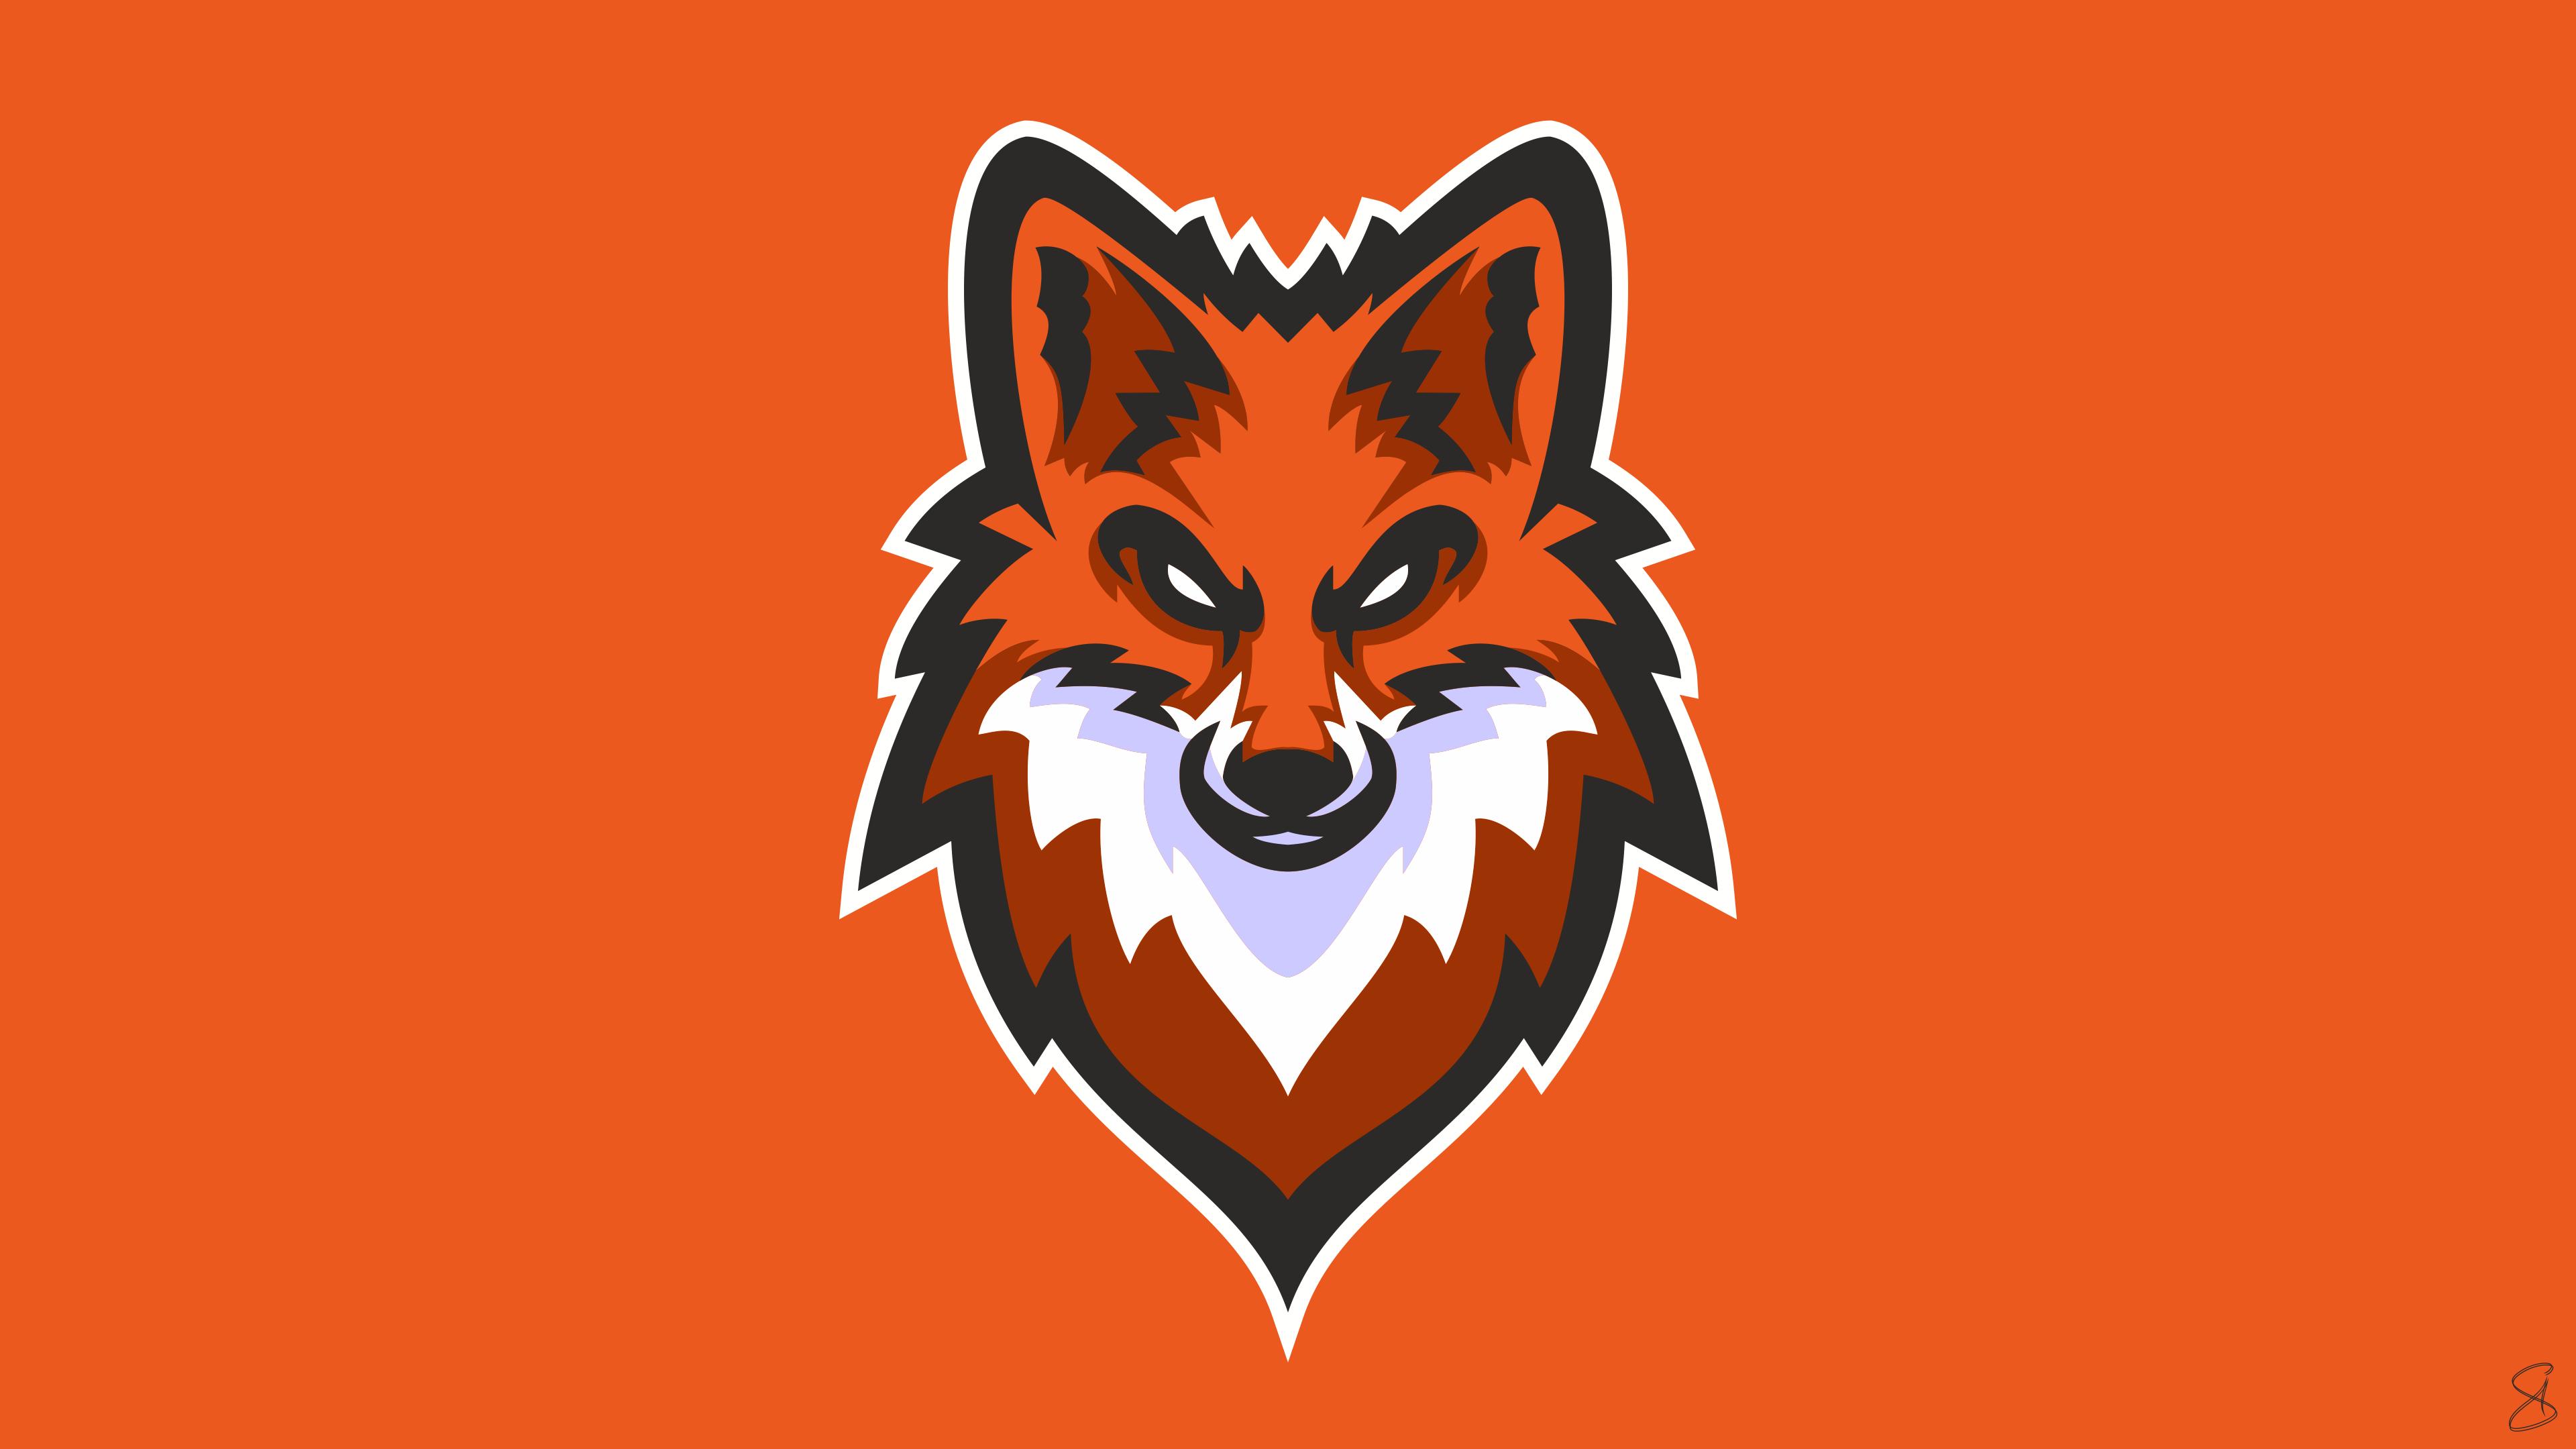 Fox Graphic Design Orange Color 3840x2160